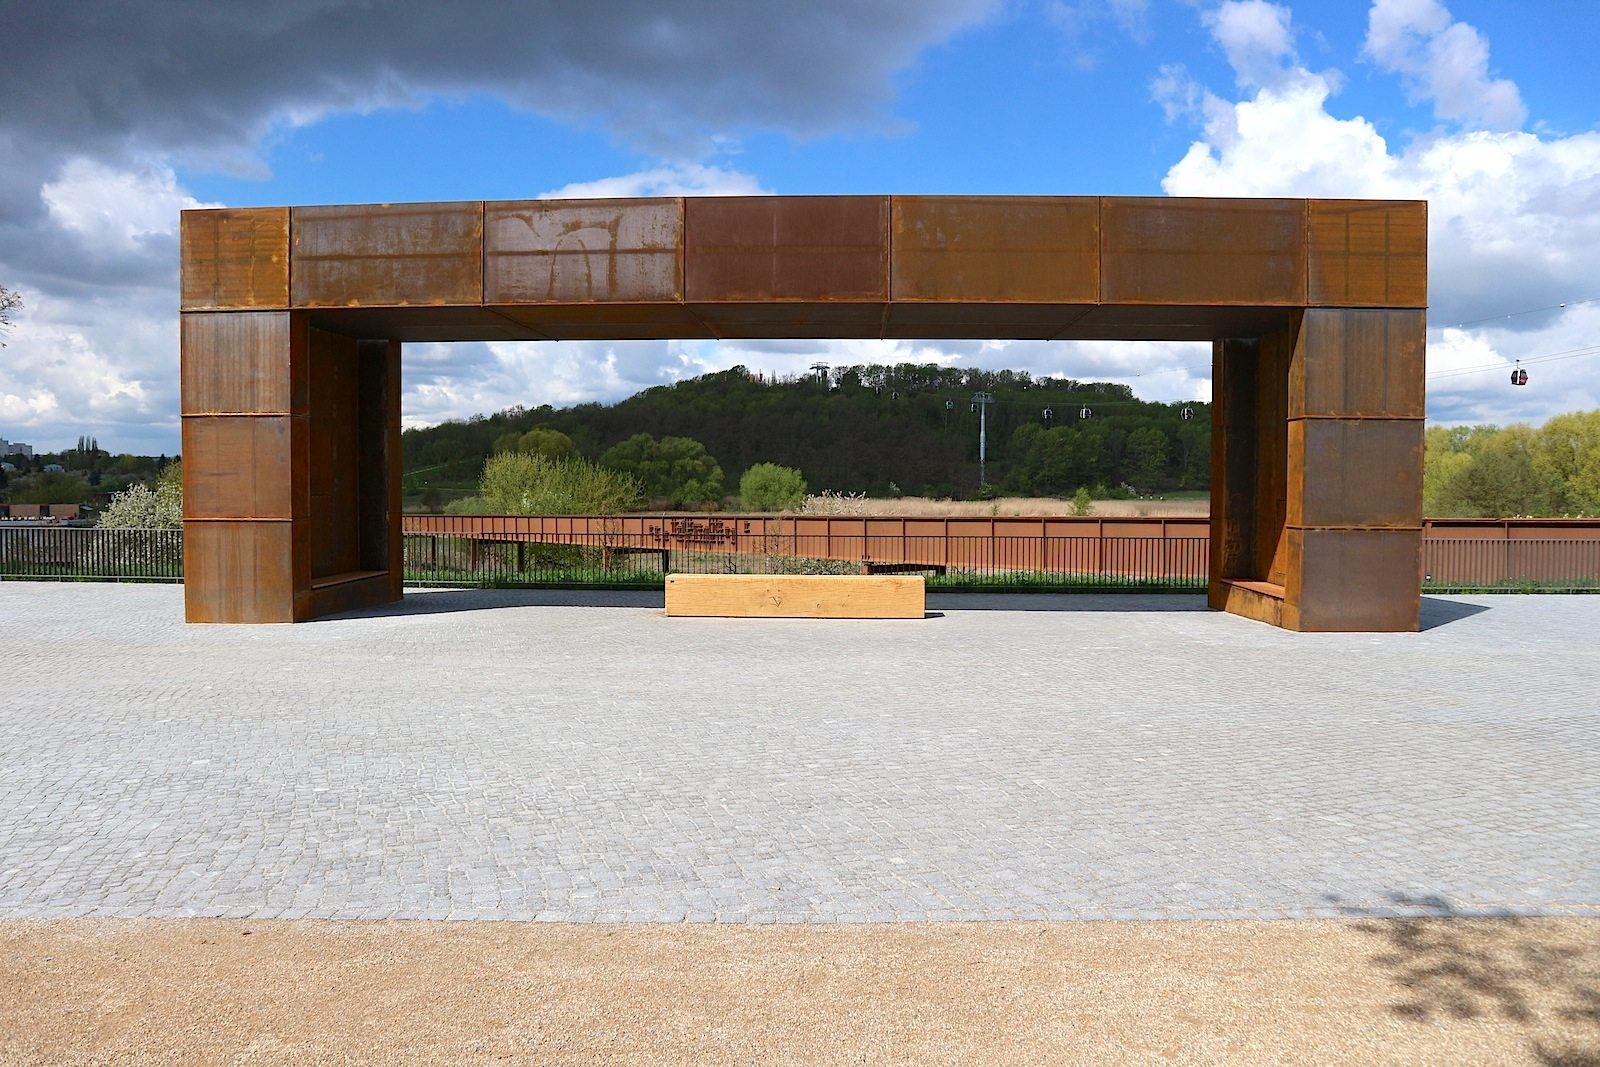 Belvedere.  Der stählerne Ruhepol wurde von ARGE geskes.hack Landschaftsarchitekten, Kolb Ripke Architekten, VIC Brücken- und Ingenieurbau geplant.